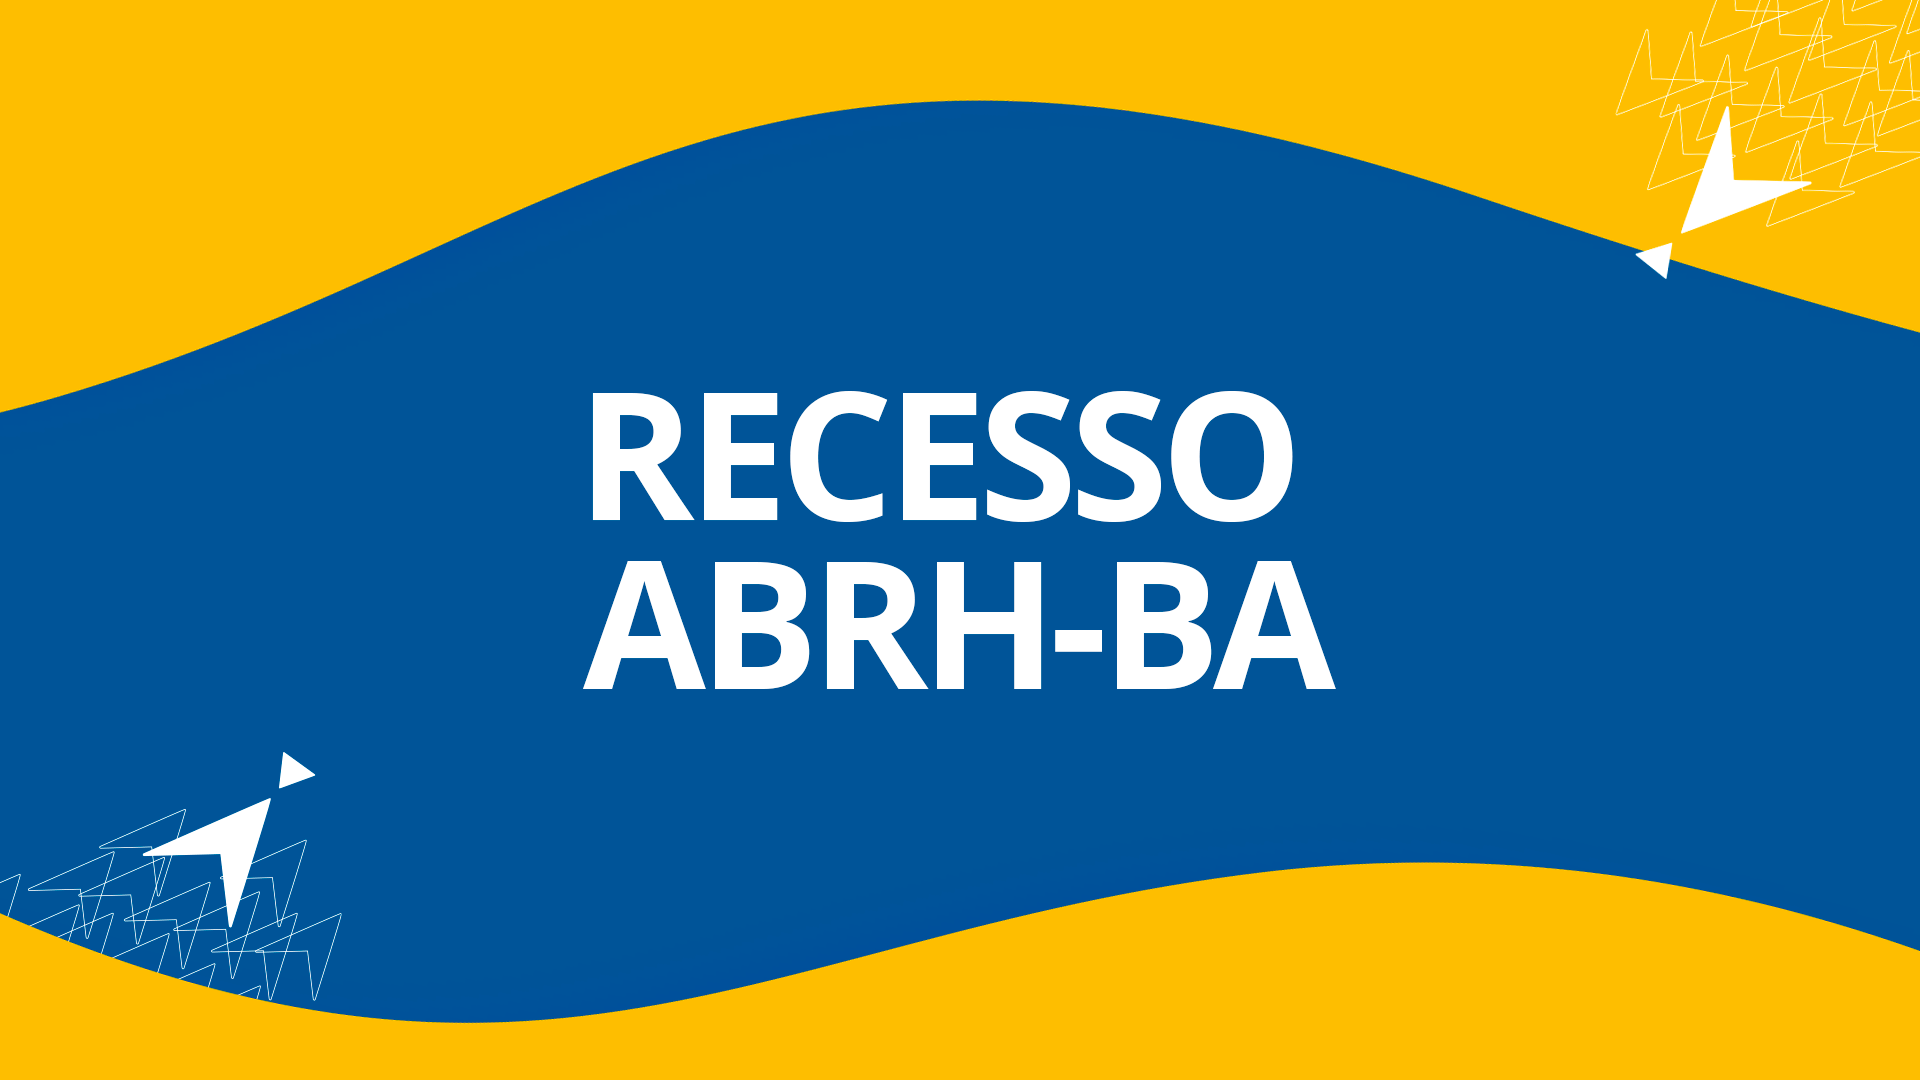 Recesso – ABRH-BA